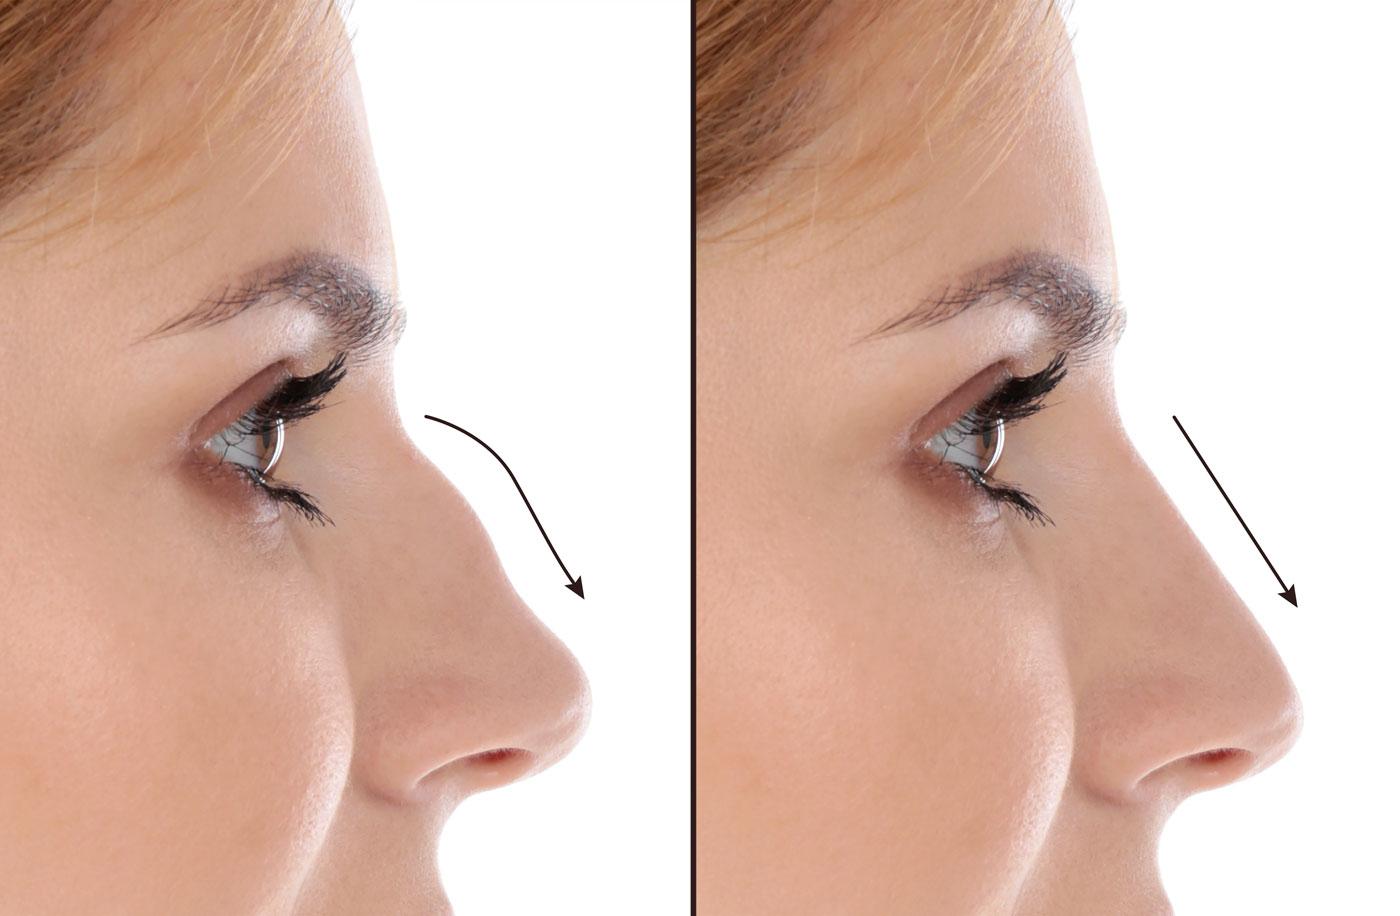 Nasenkorrekturen ohne OP - facial beauty aesthetics